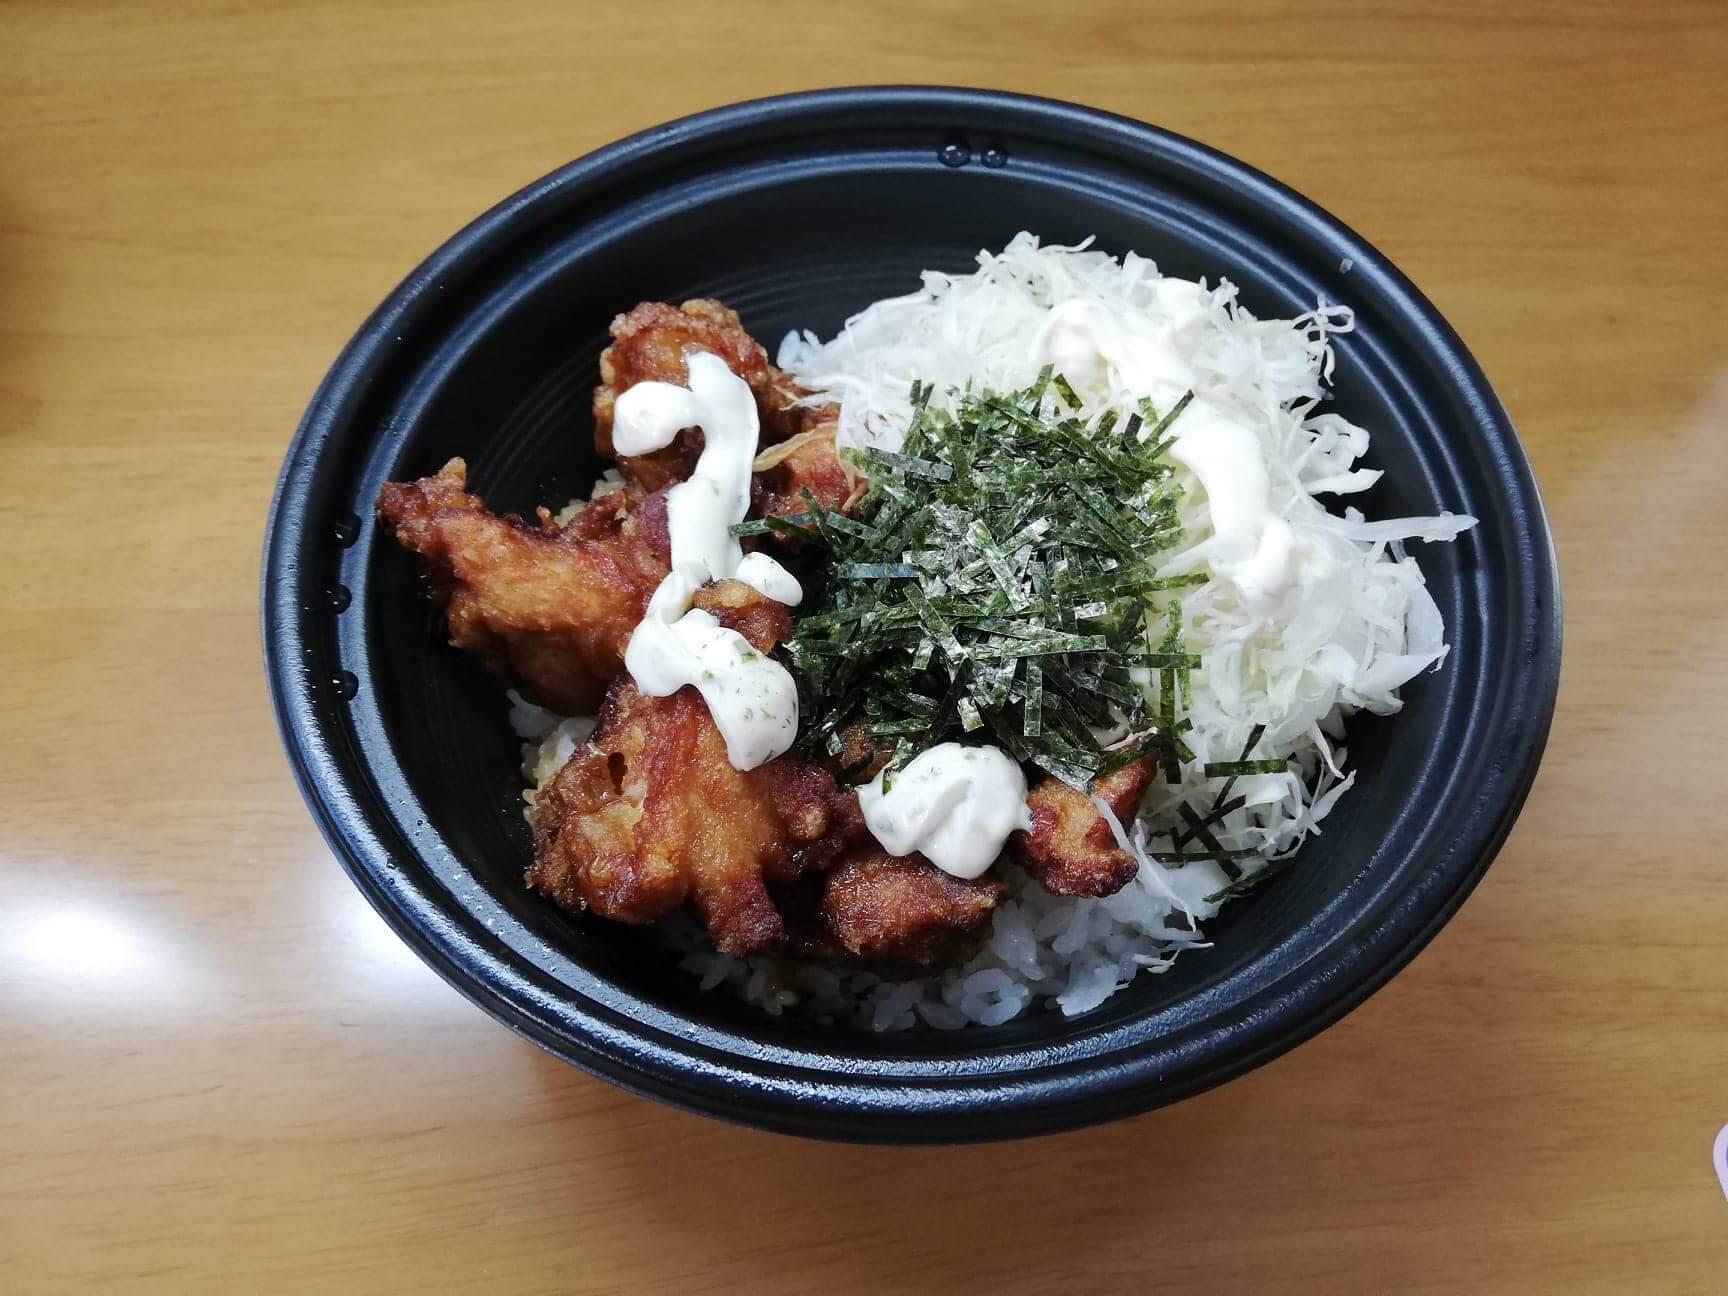 ガストのテイクアウトメニュー『ランチ唐揚げテリタル丼』の写真